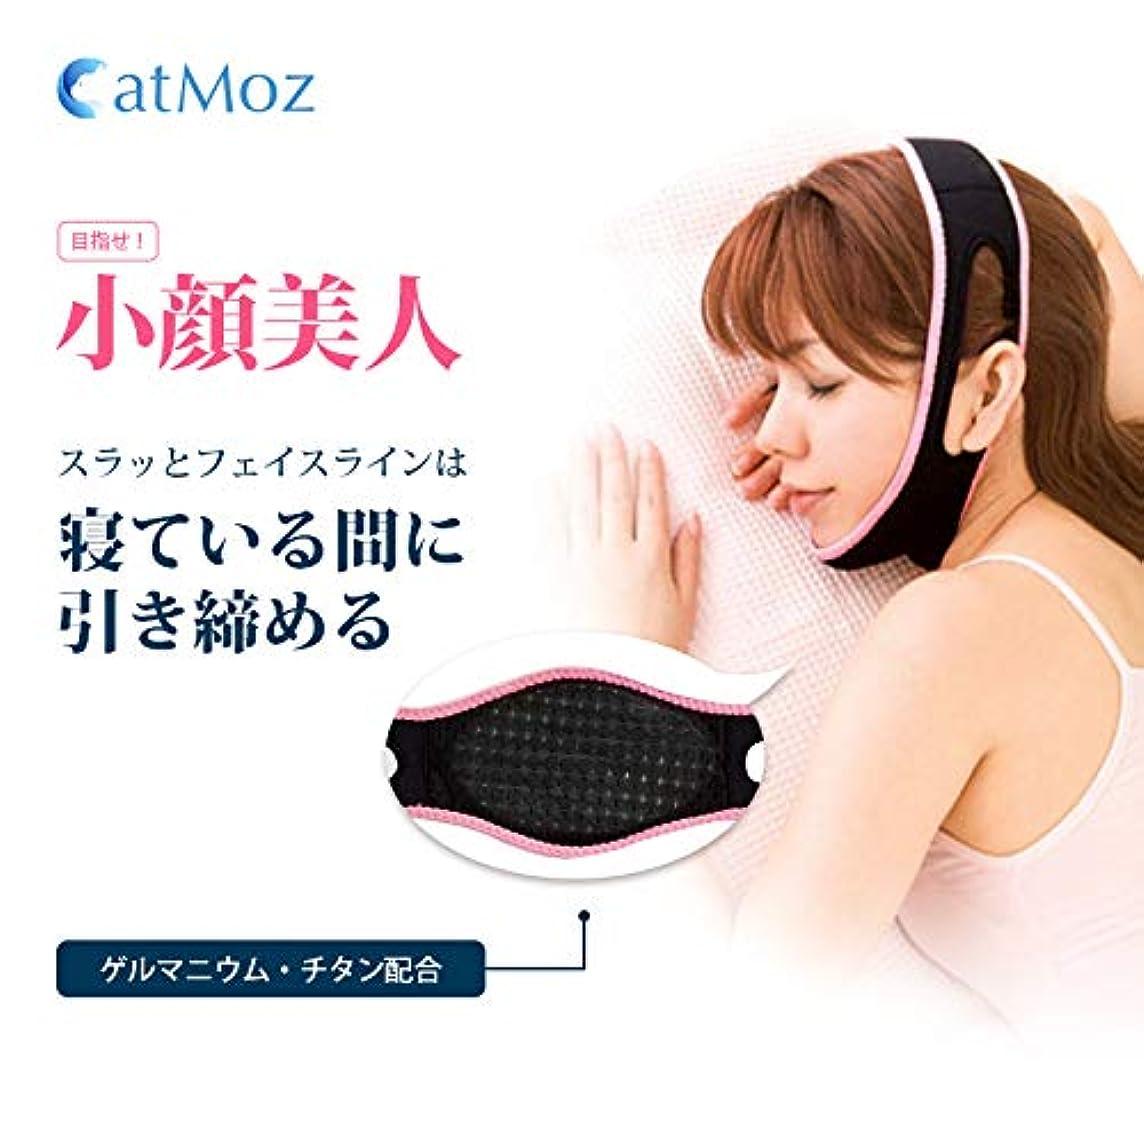 背が高いステップ立場CatMoz 小顔 美顔 矯正 顔痩せ 最新型 リフトアップベルト 【整形せずモテ顔美人に】